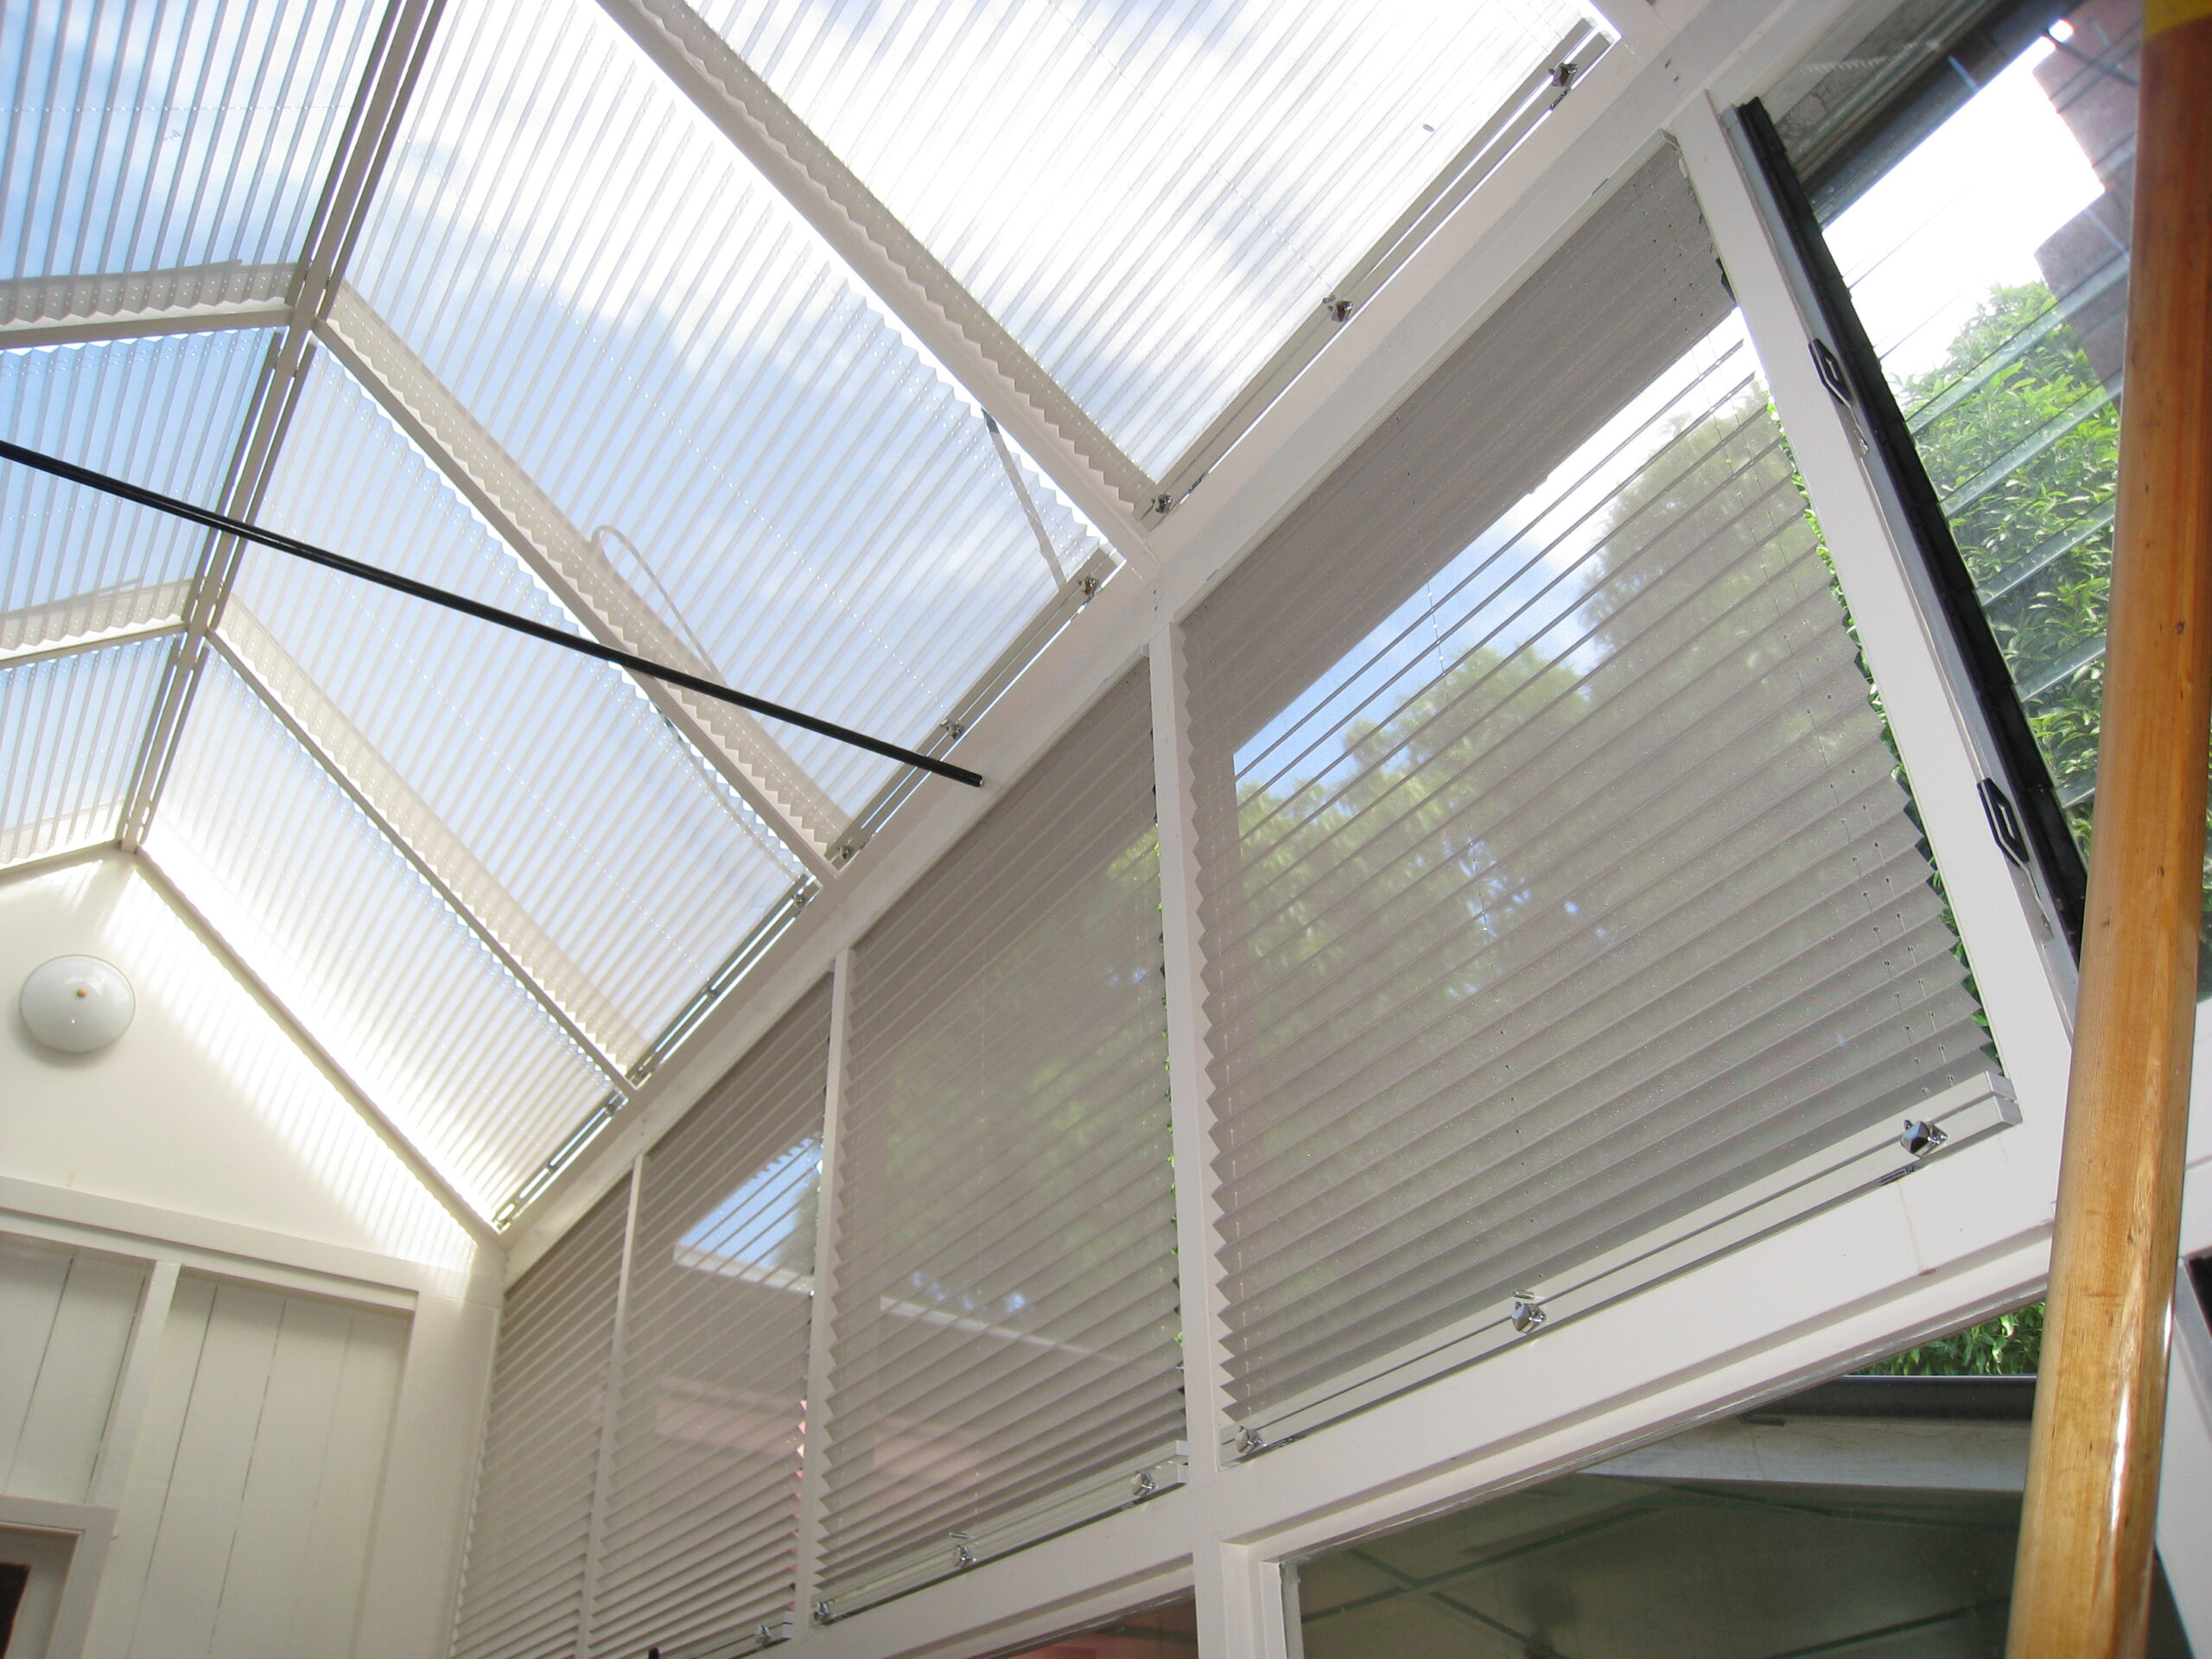 Skylight & Atrium Window Coverings - Innovative Curtains ...